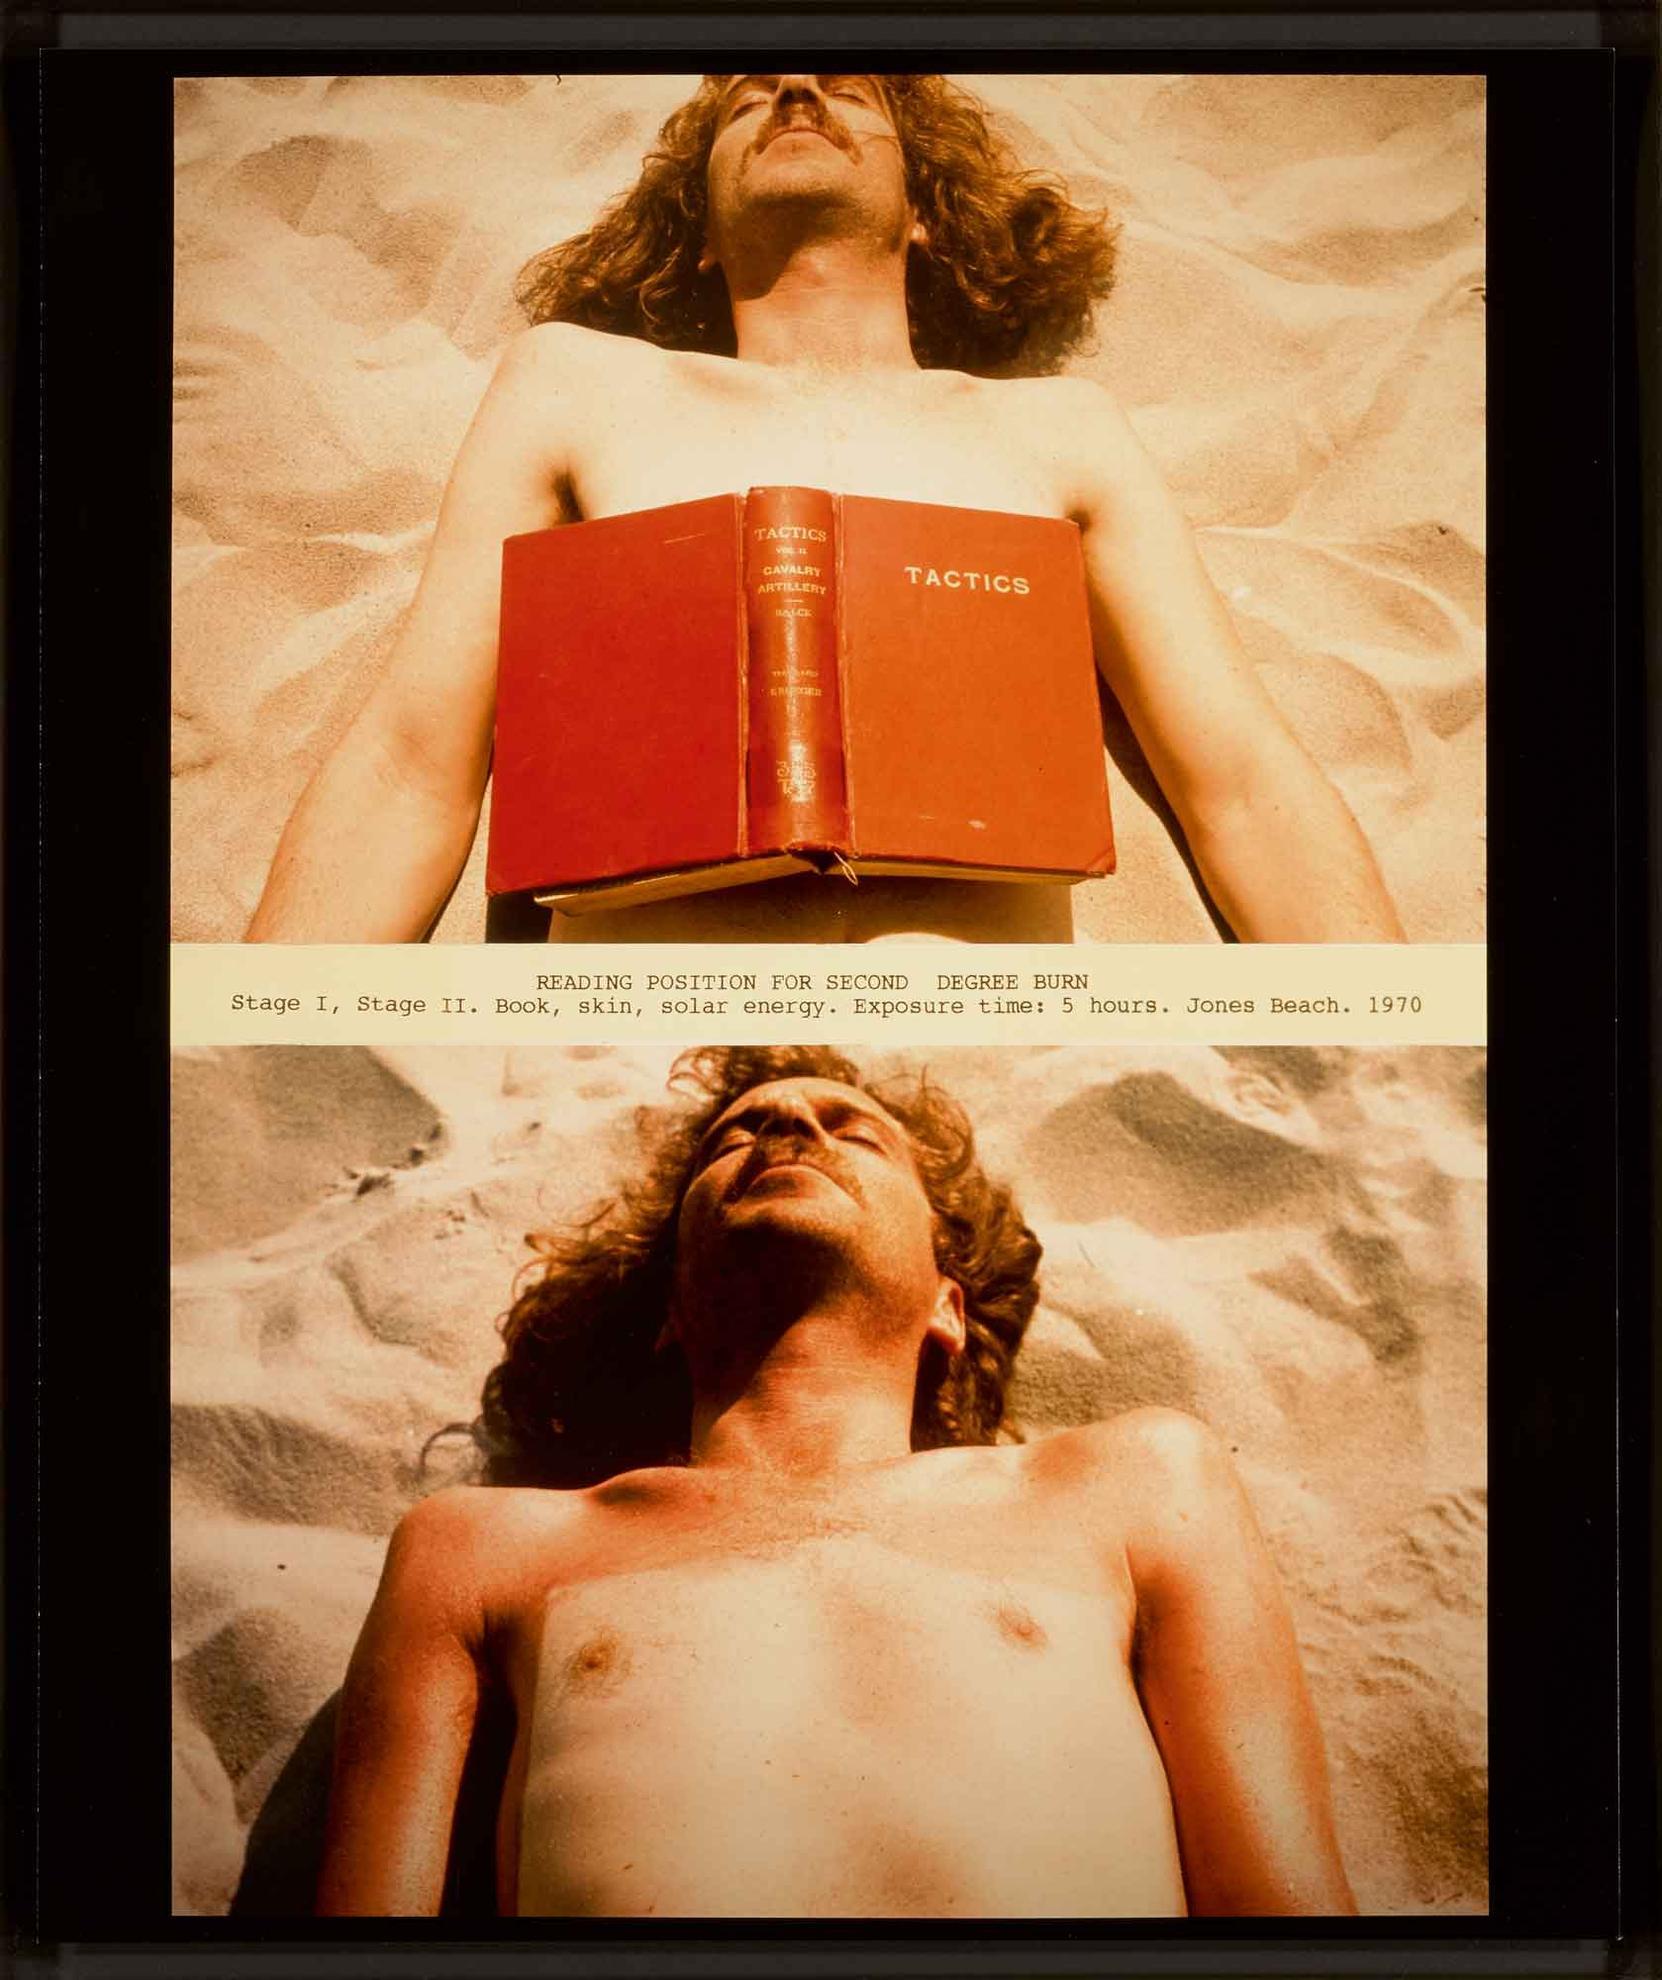 Dennis Oppenheim-Reading Position For Second Degree Burn-1970